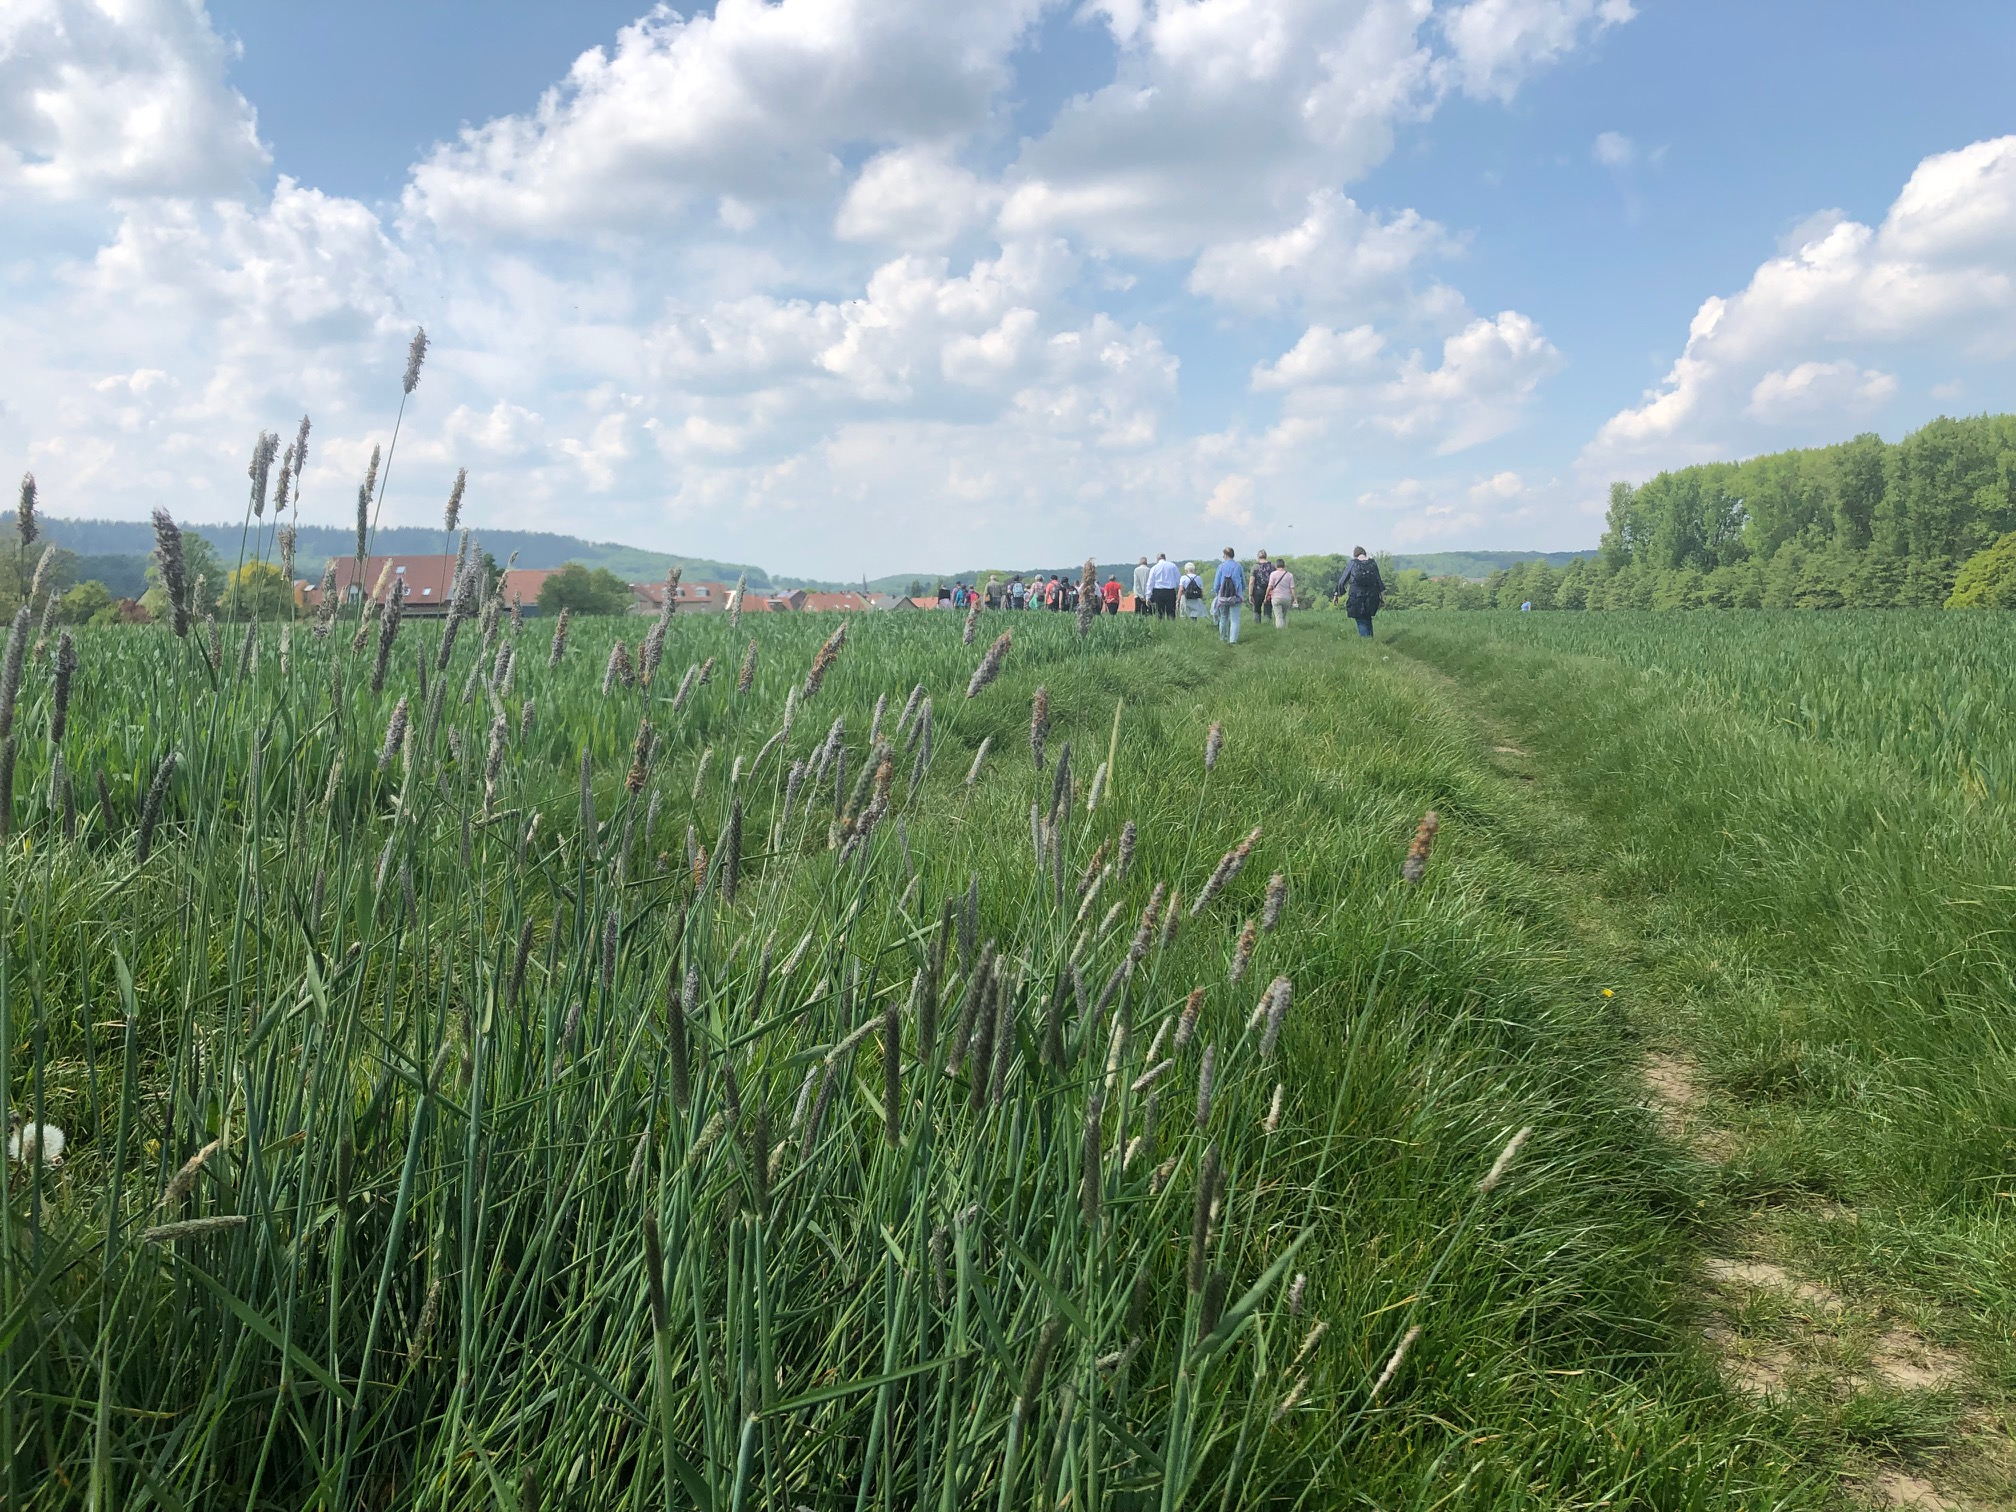 Herrliche Landschaft in Werther (Westf.)